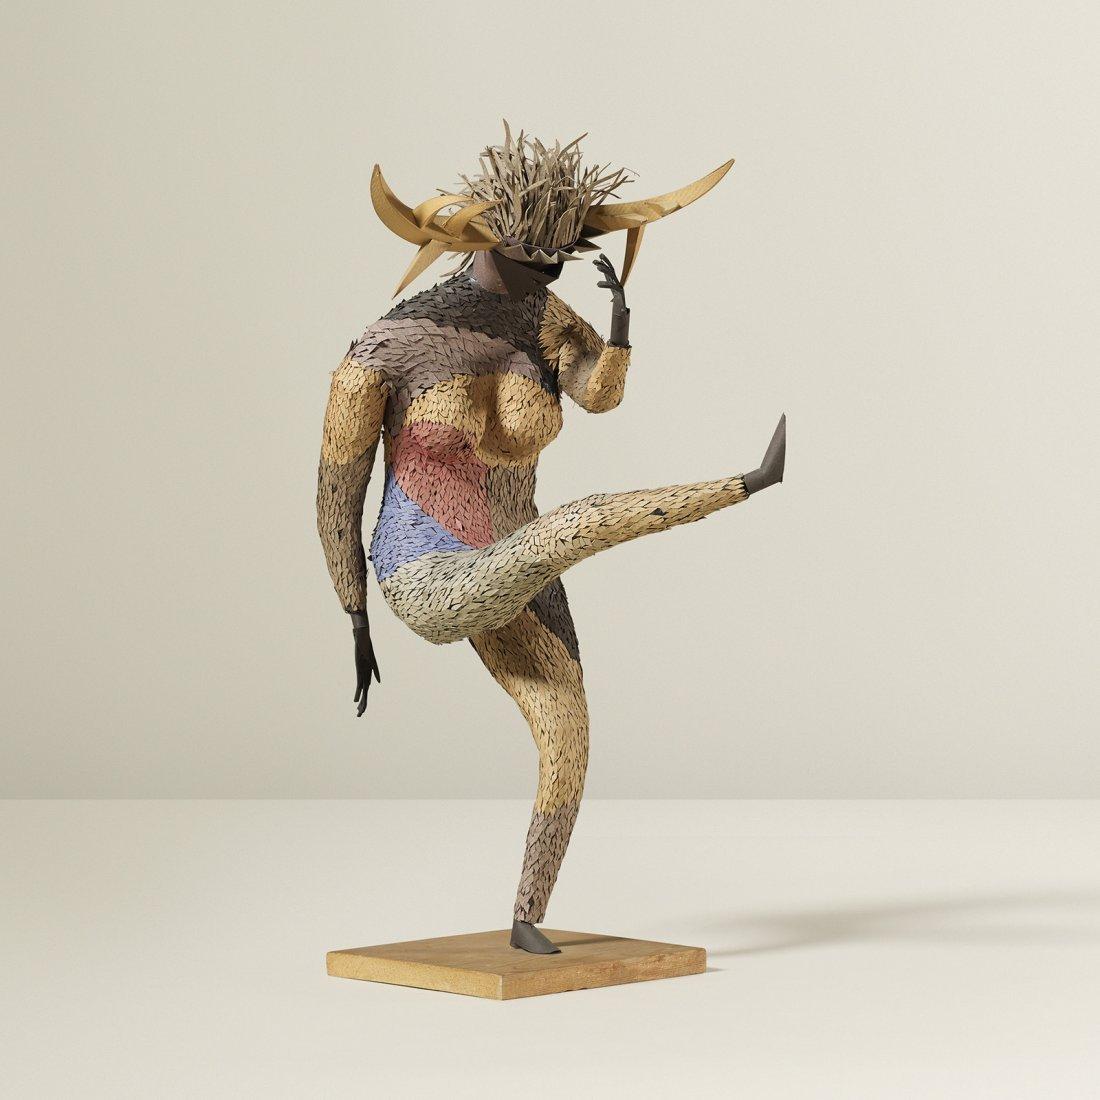 Irving Harper Untitled (Dancing Figure)